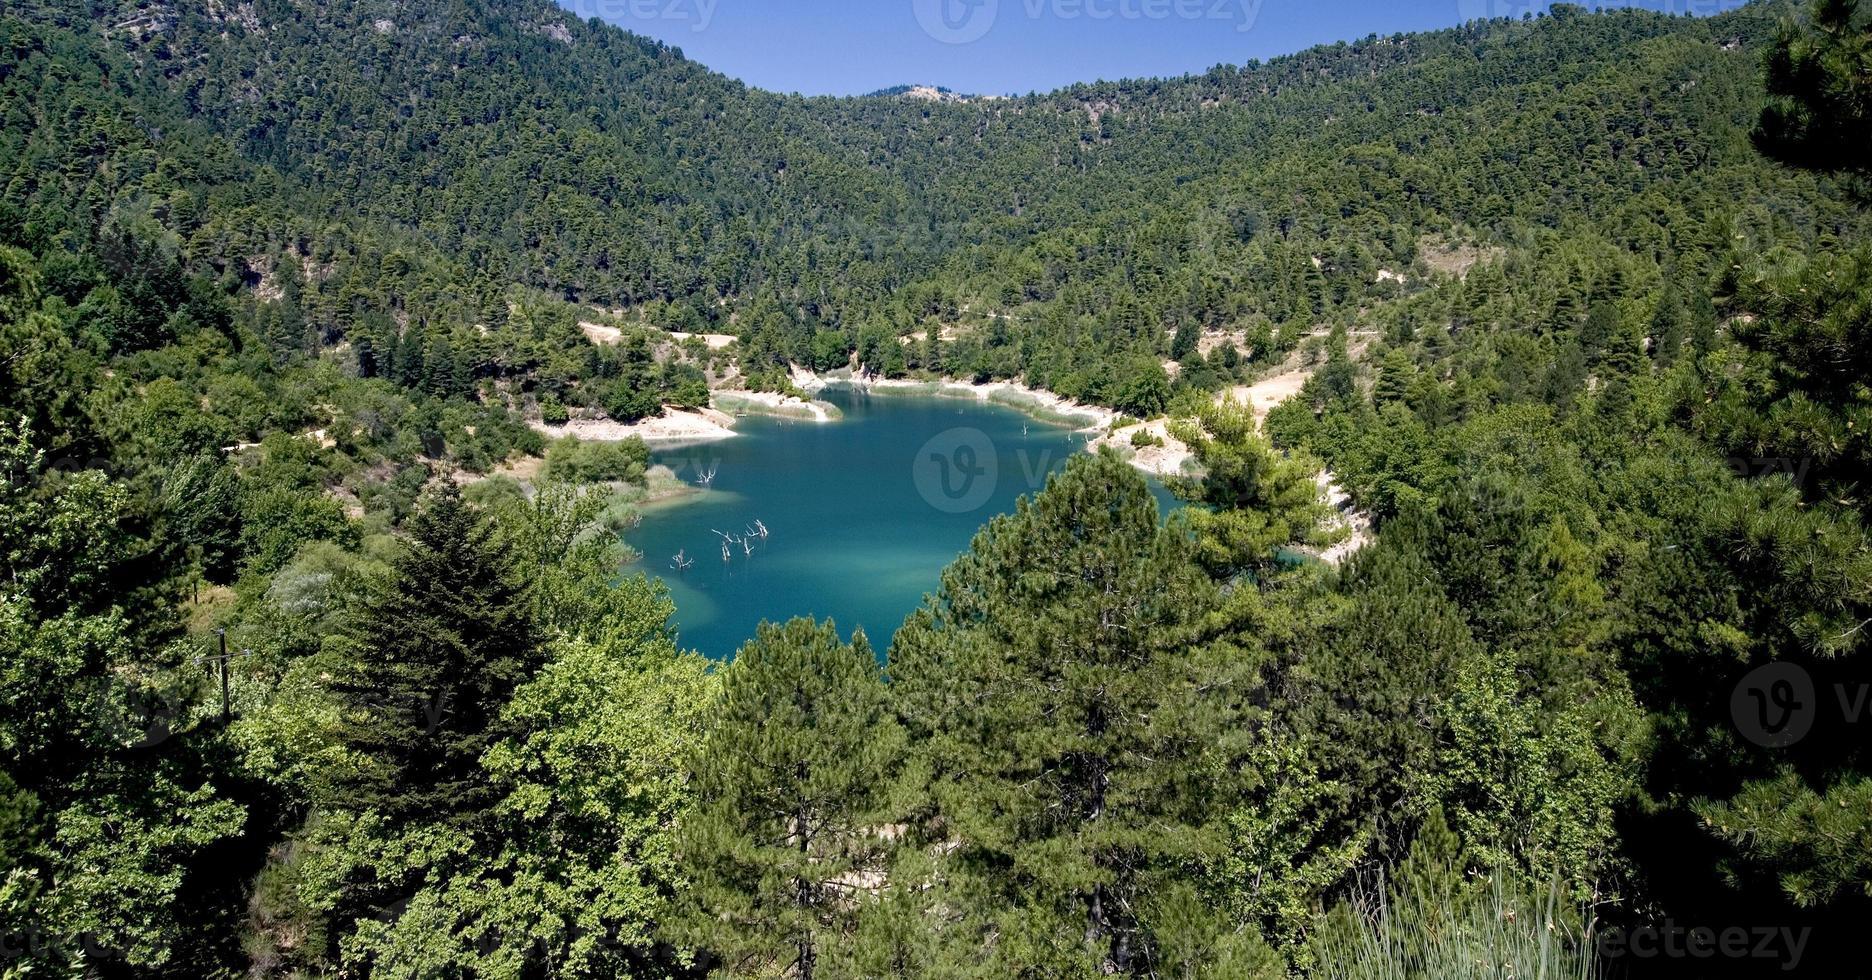 lago turquesa en grecia foto